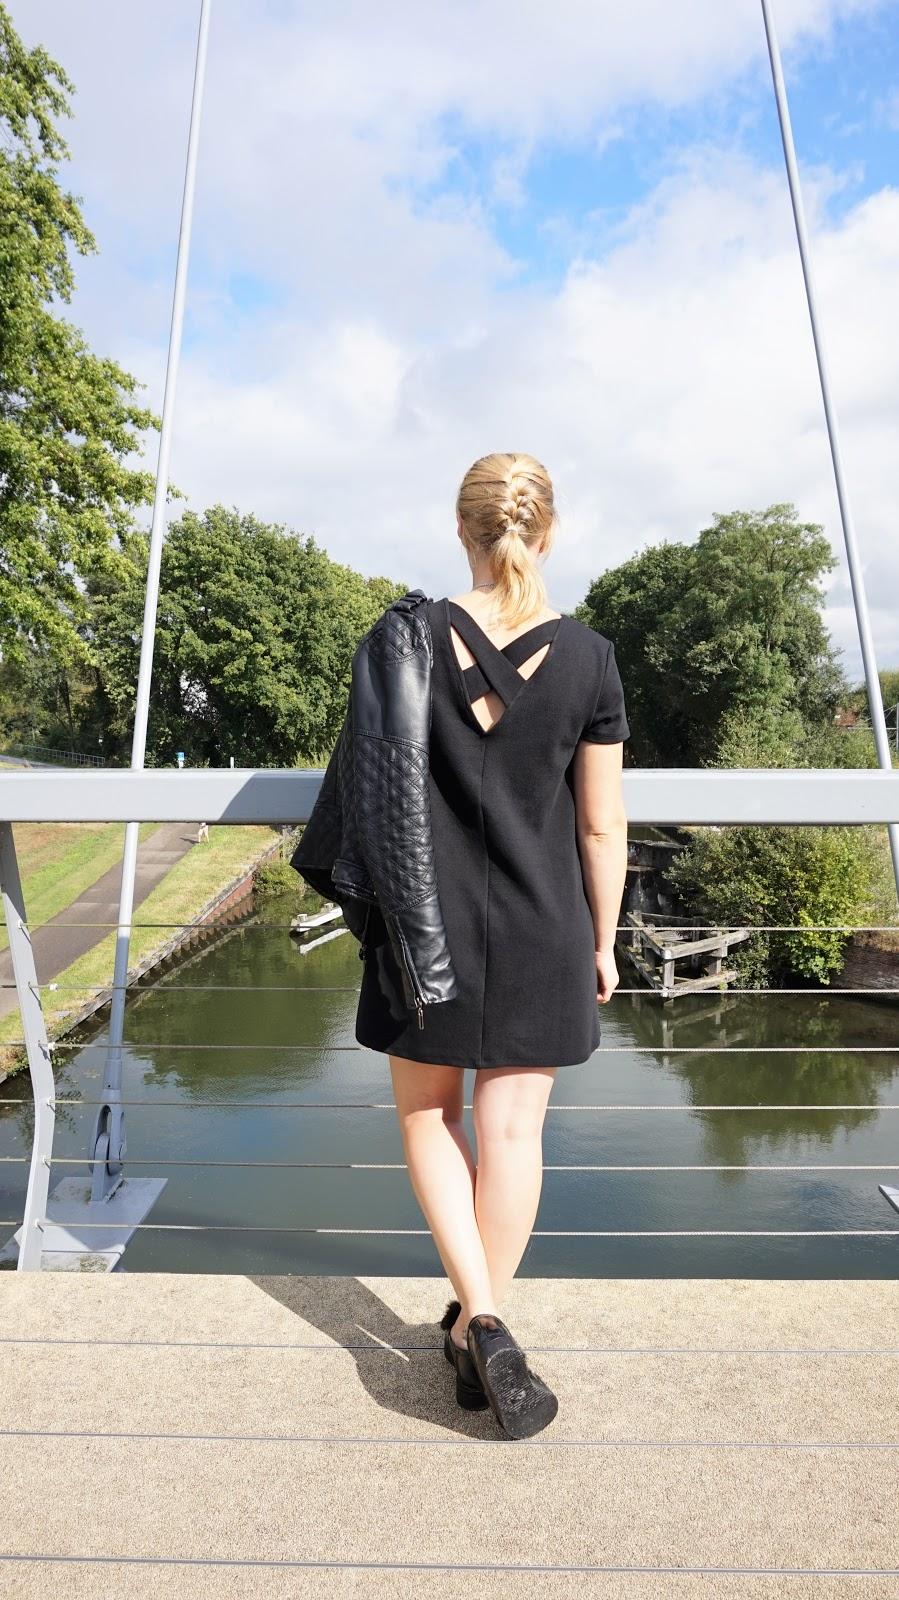 DSC08976 | Eline Van Dingenen